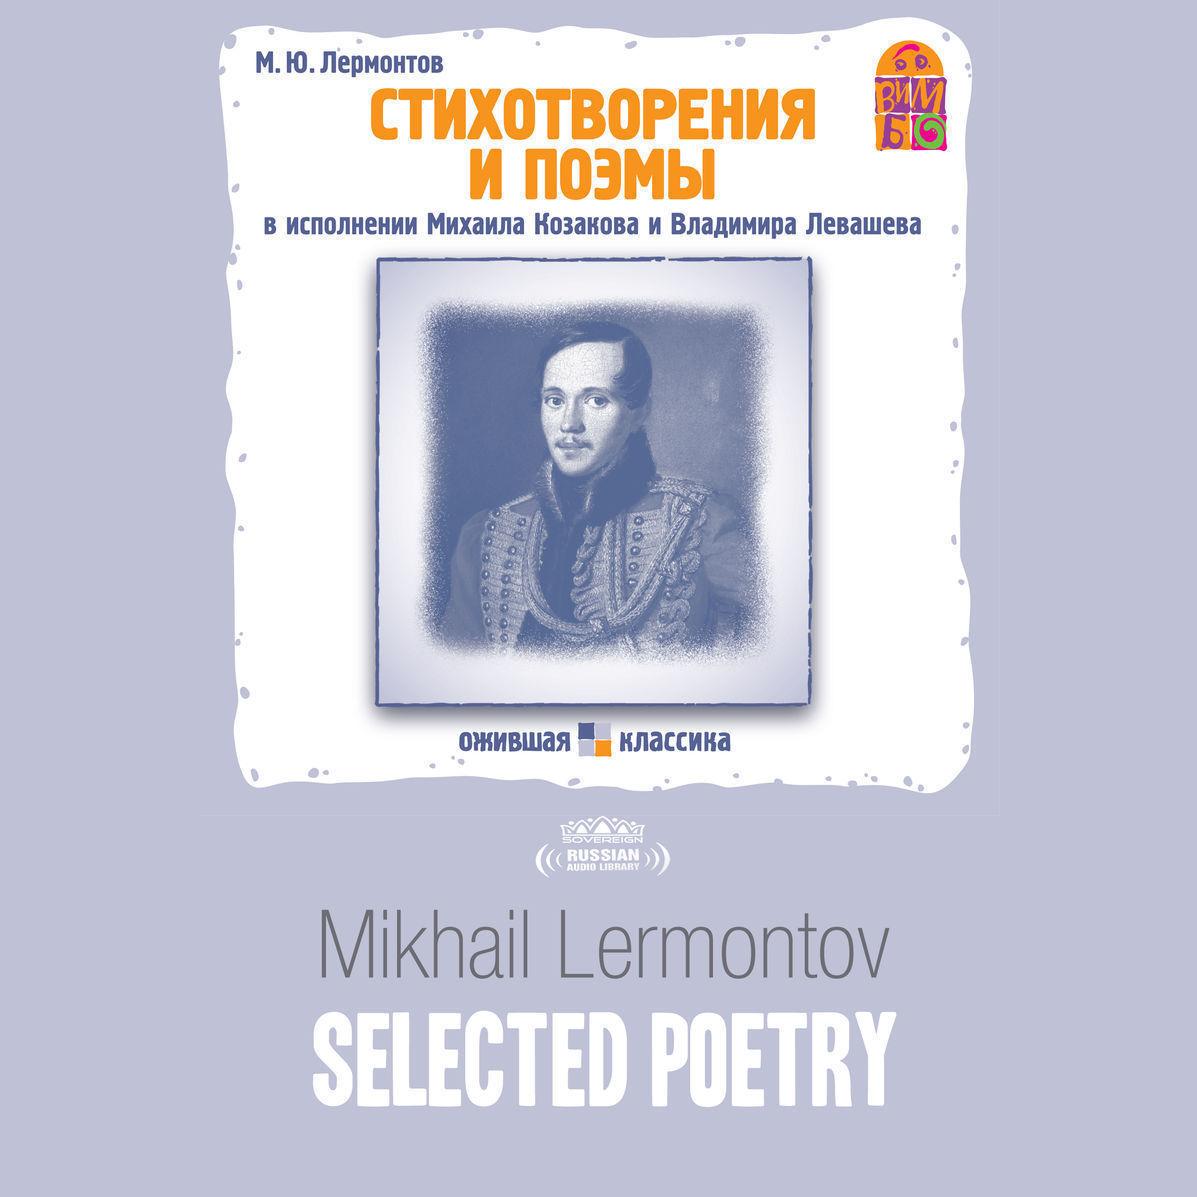 Printable Михаил Лермонтов. Стихотворения и поэмы [Russian Edition] Audiobook Cover Art